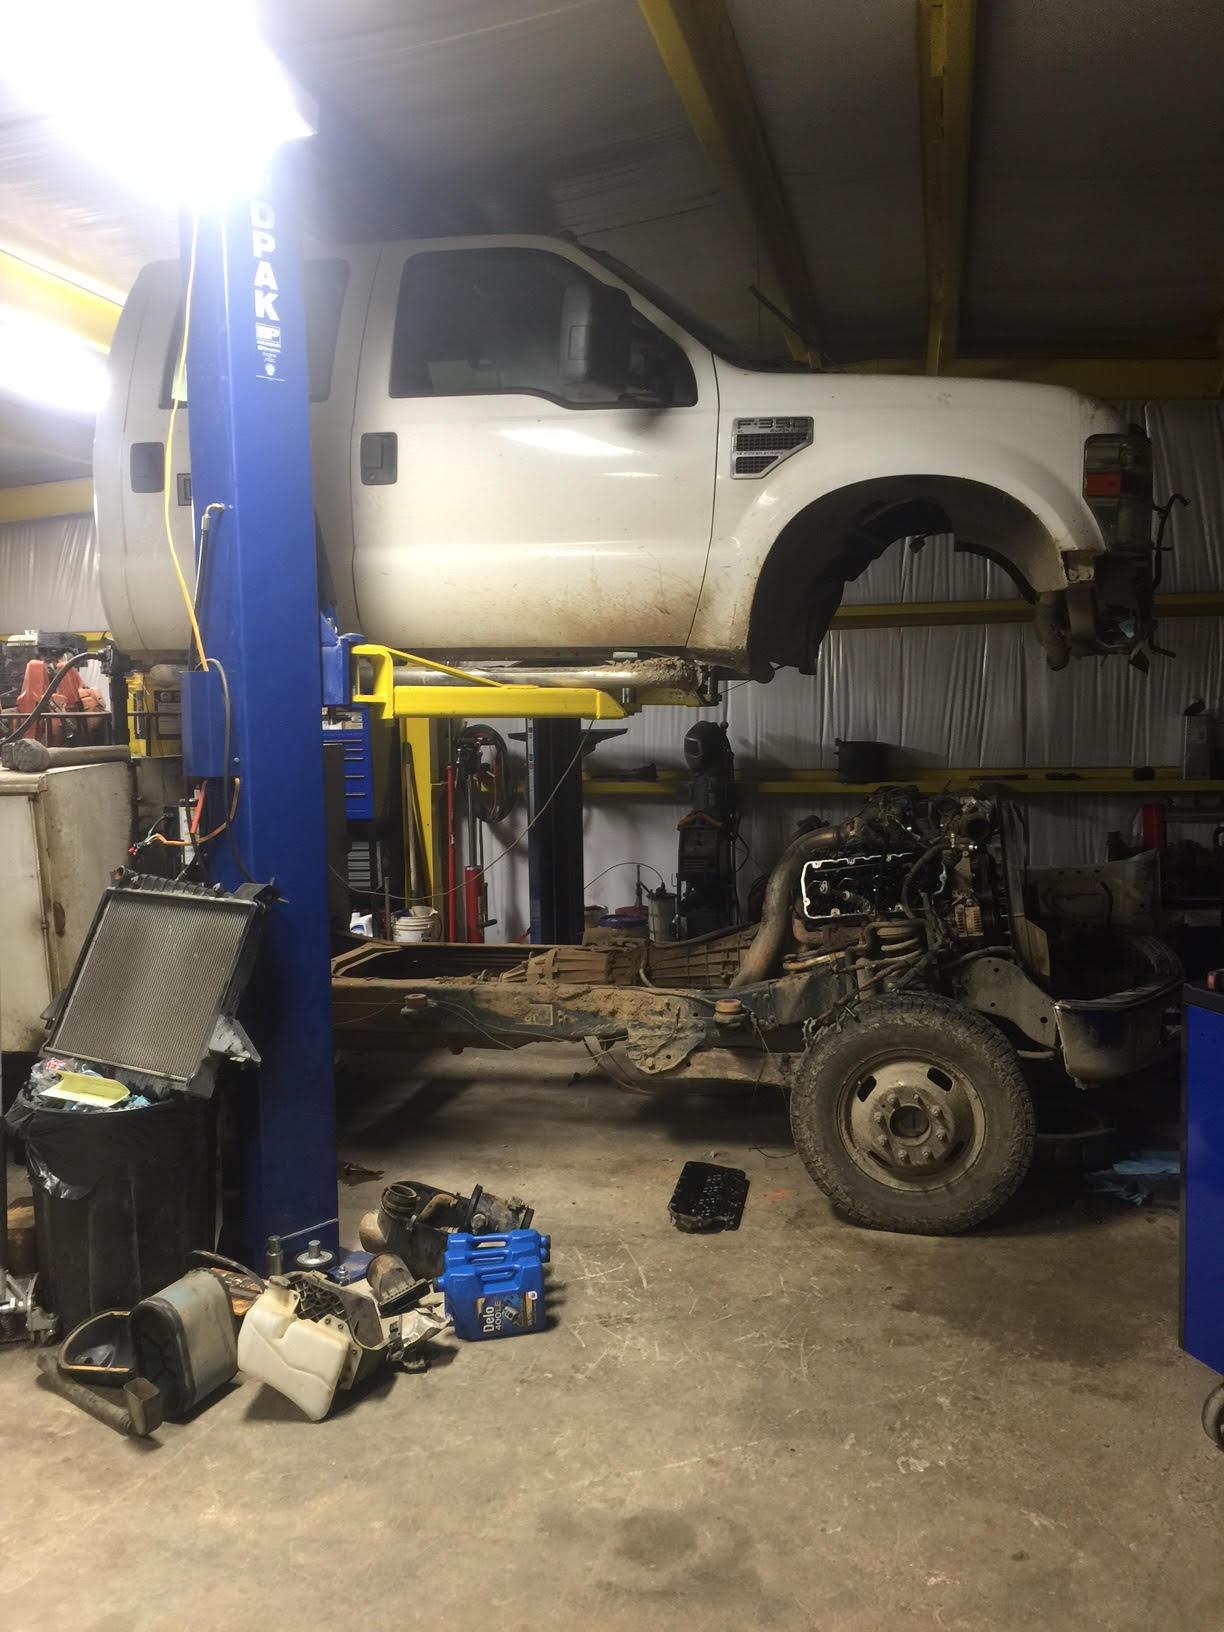 Gadsden Chevrolet Parts >> JB's Repair Services, Gadsden Alabama (AL) - LocalDatabase.com